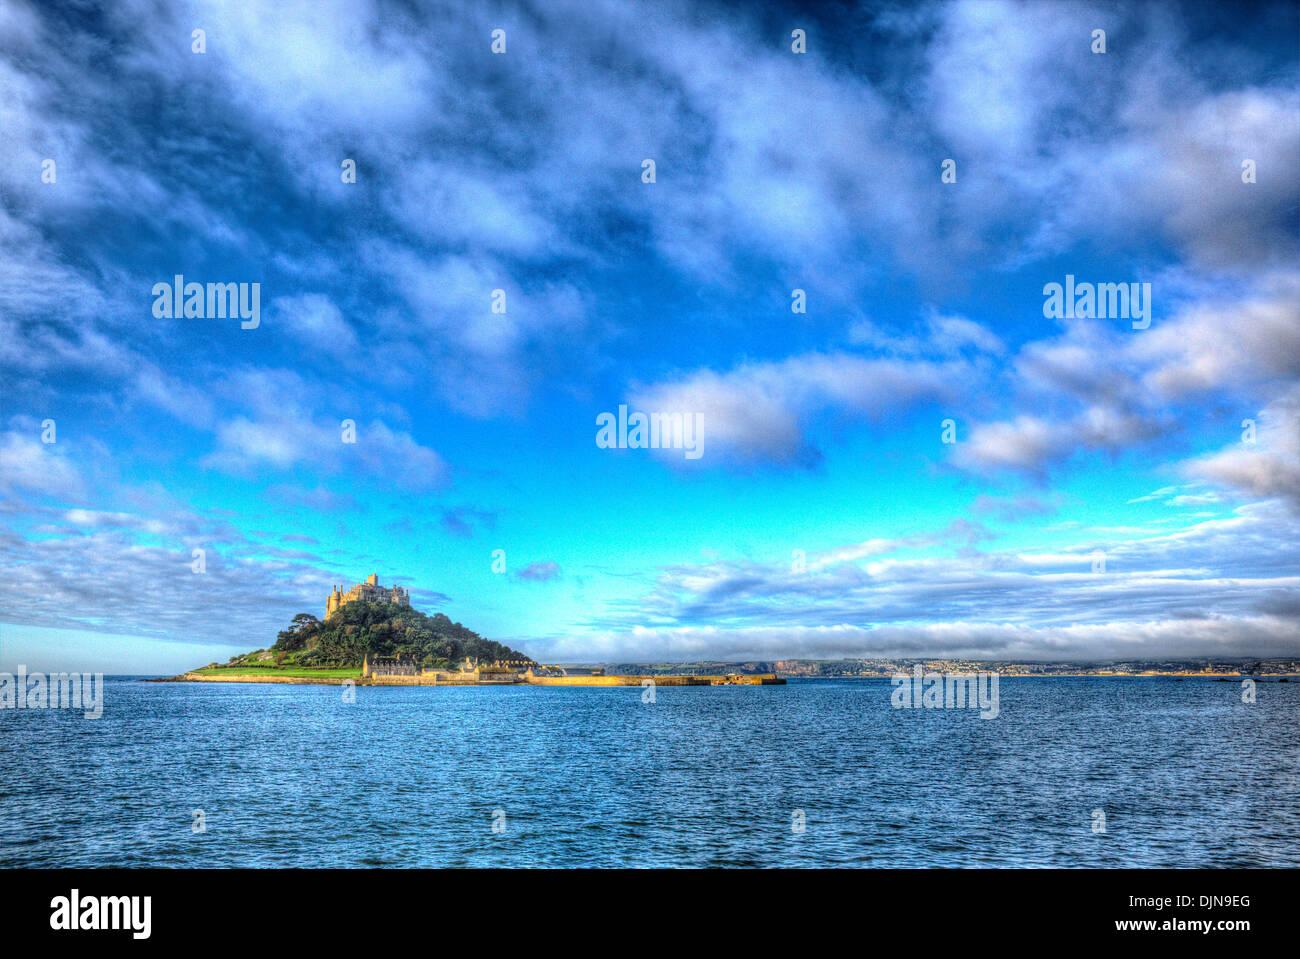 Castello medievale sulla isola di St Michaels Mount Cornwall Inghilterra con vivaci Cloudscape in HDR come la pittura Immagini Stock